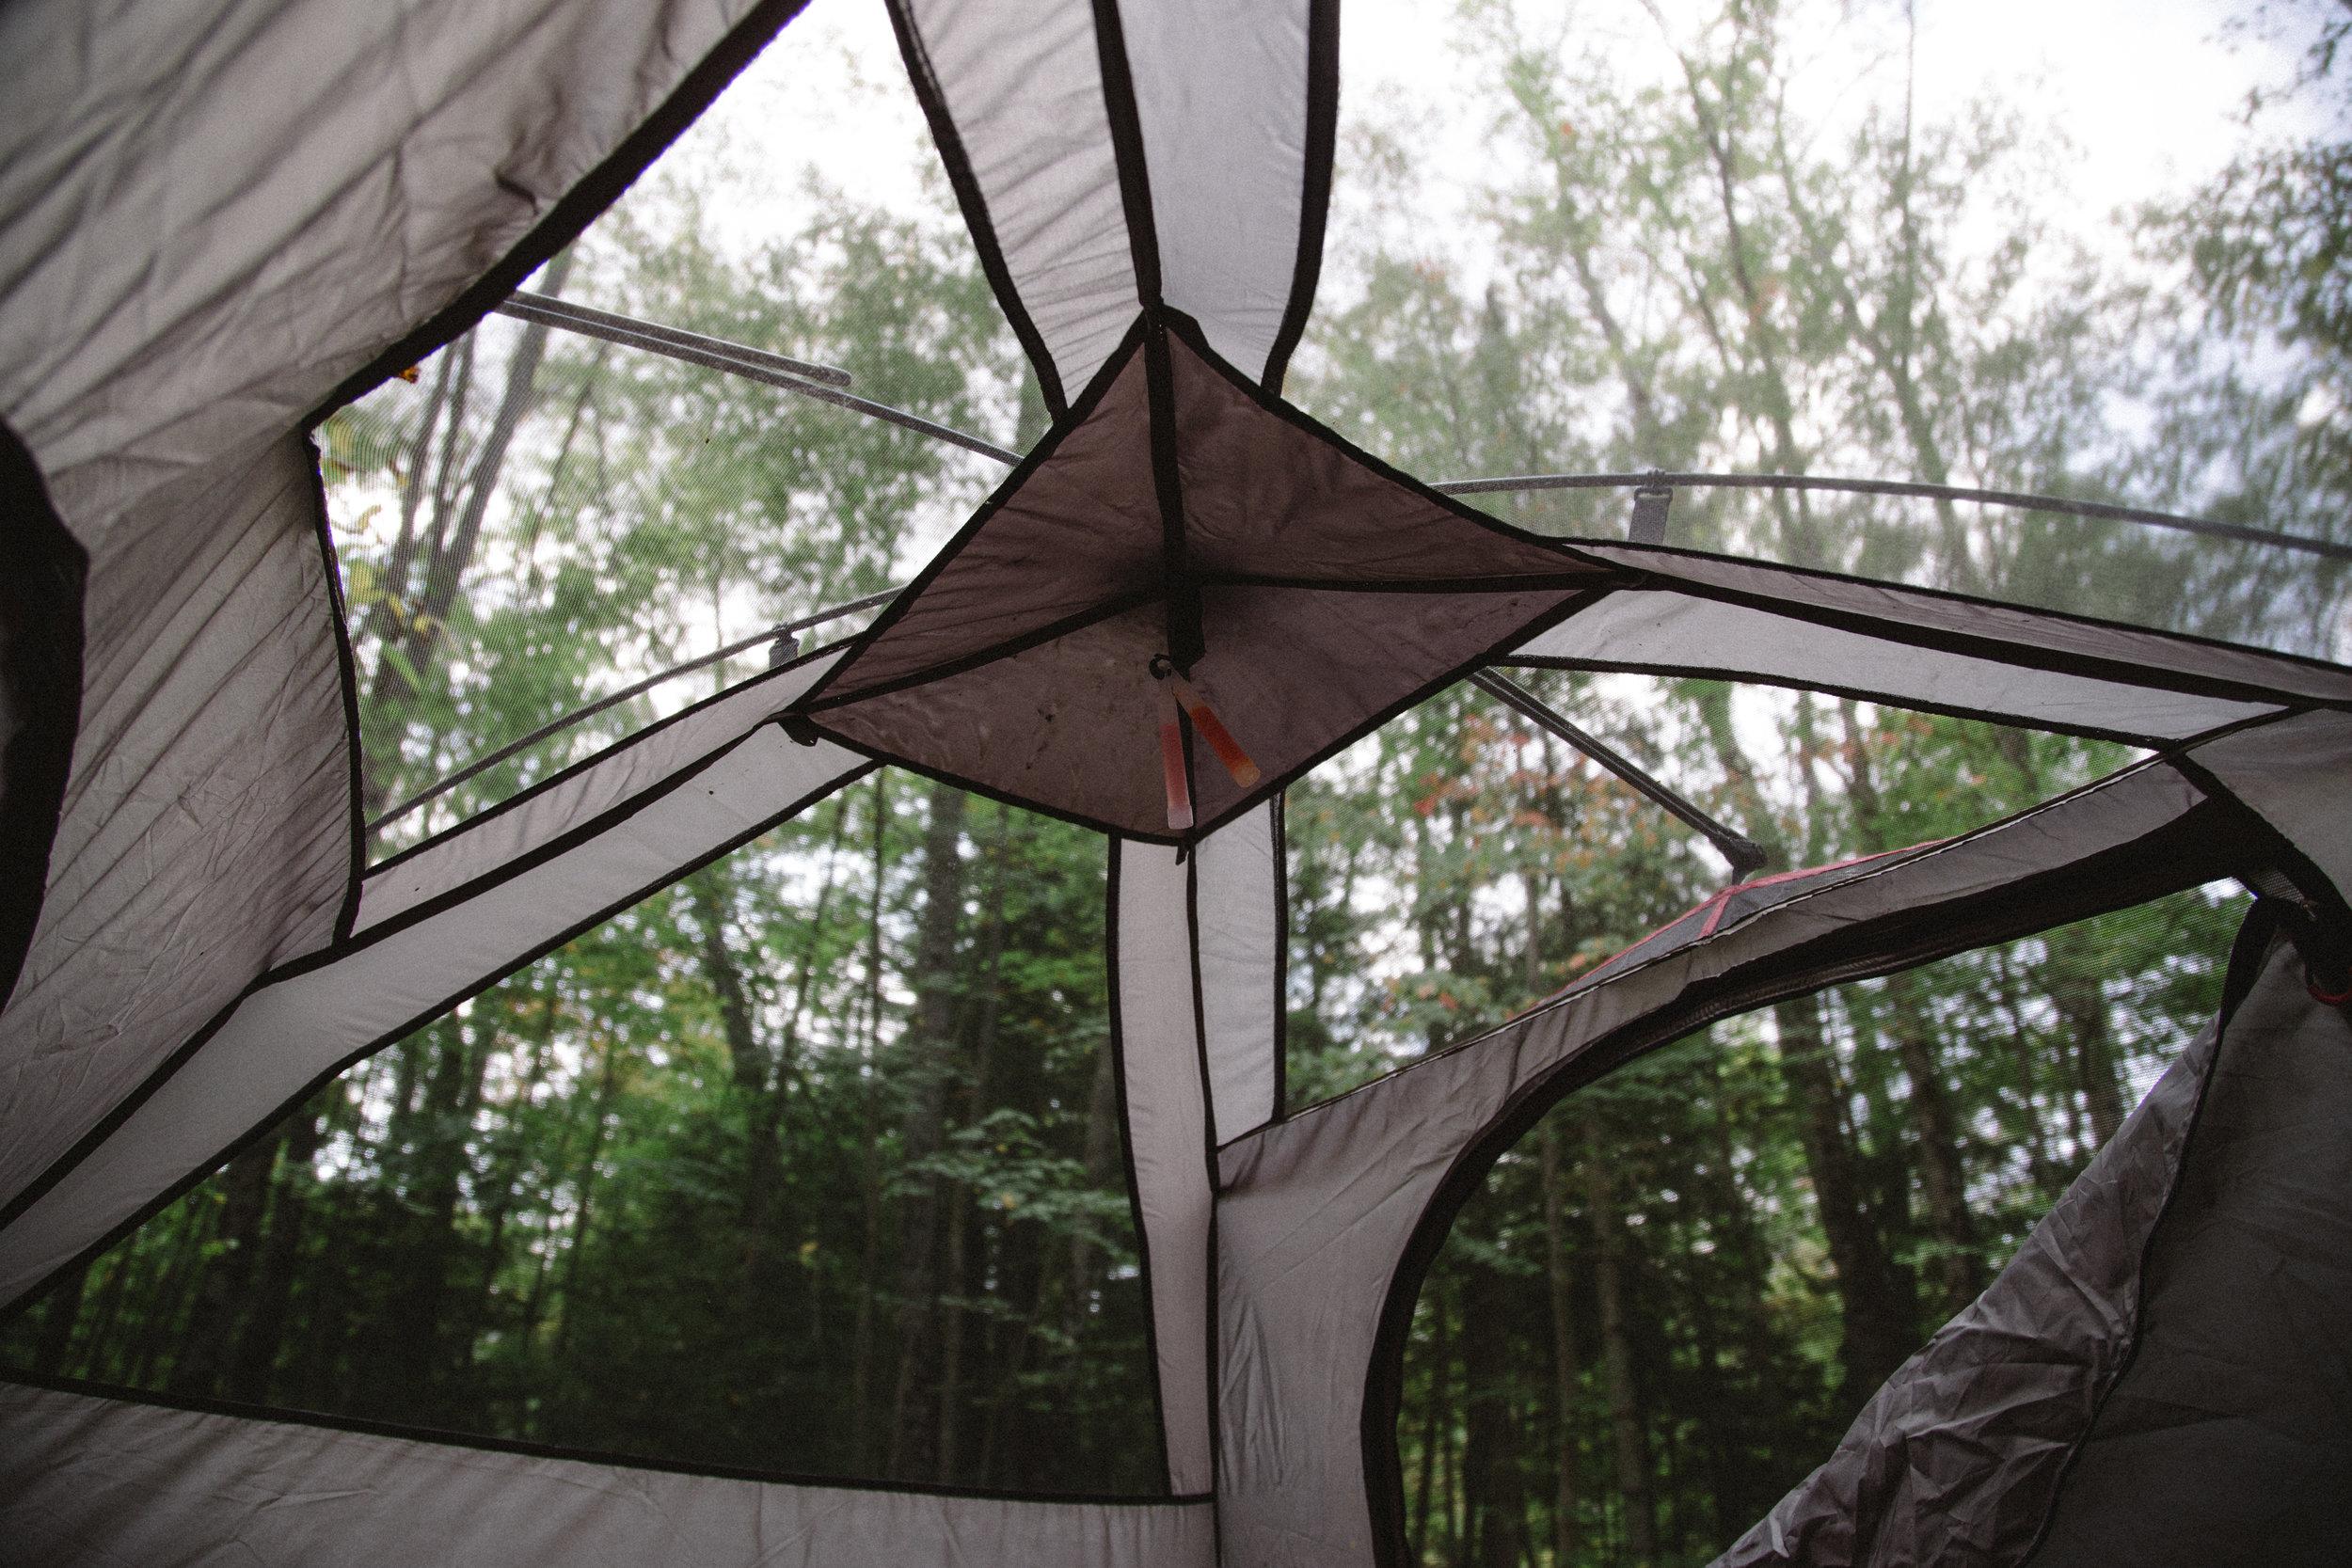 Bon Echo Provincial Park,Ontario - 35mm